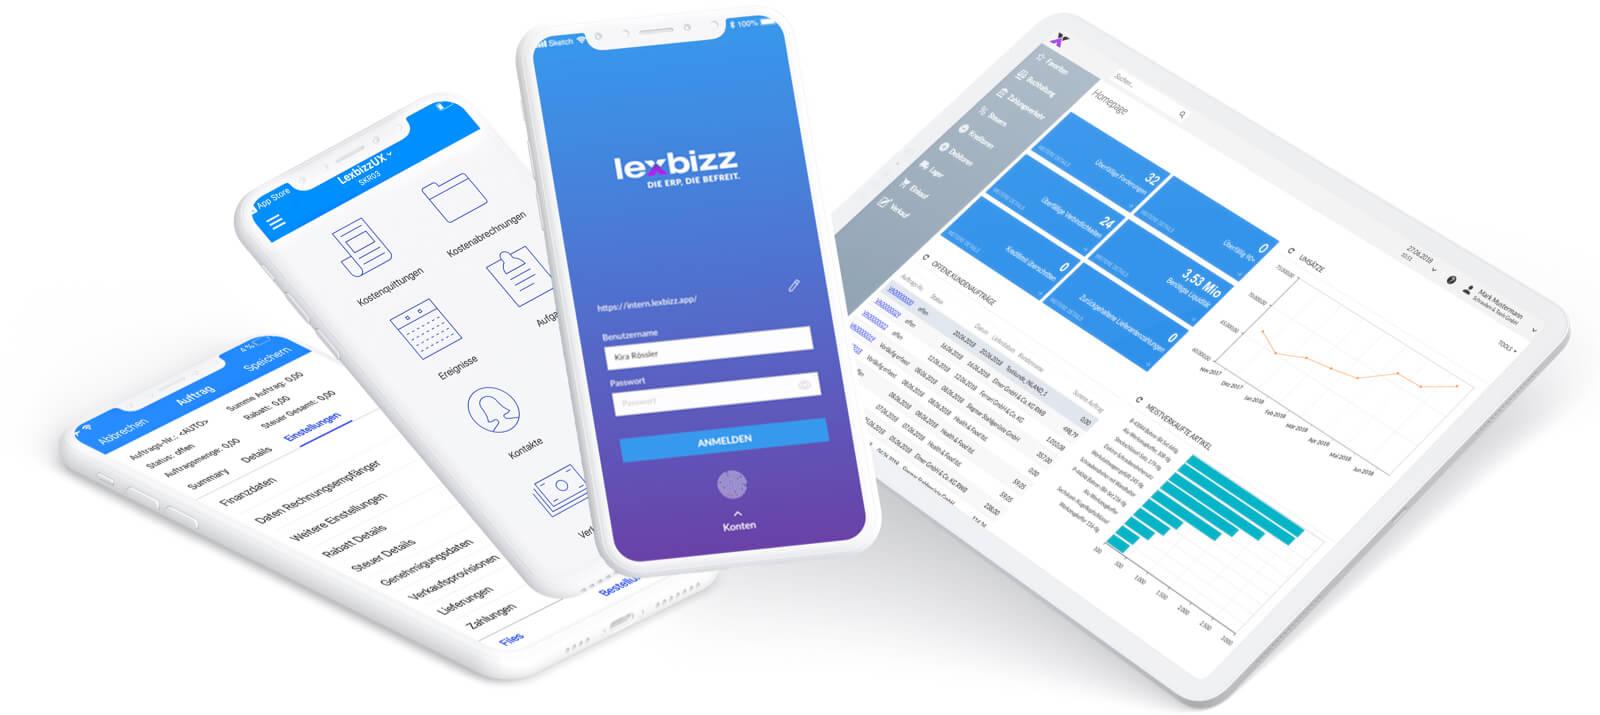 lexbizz Warenwirtschaftssystem Bildschirme Mobil